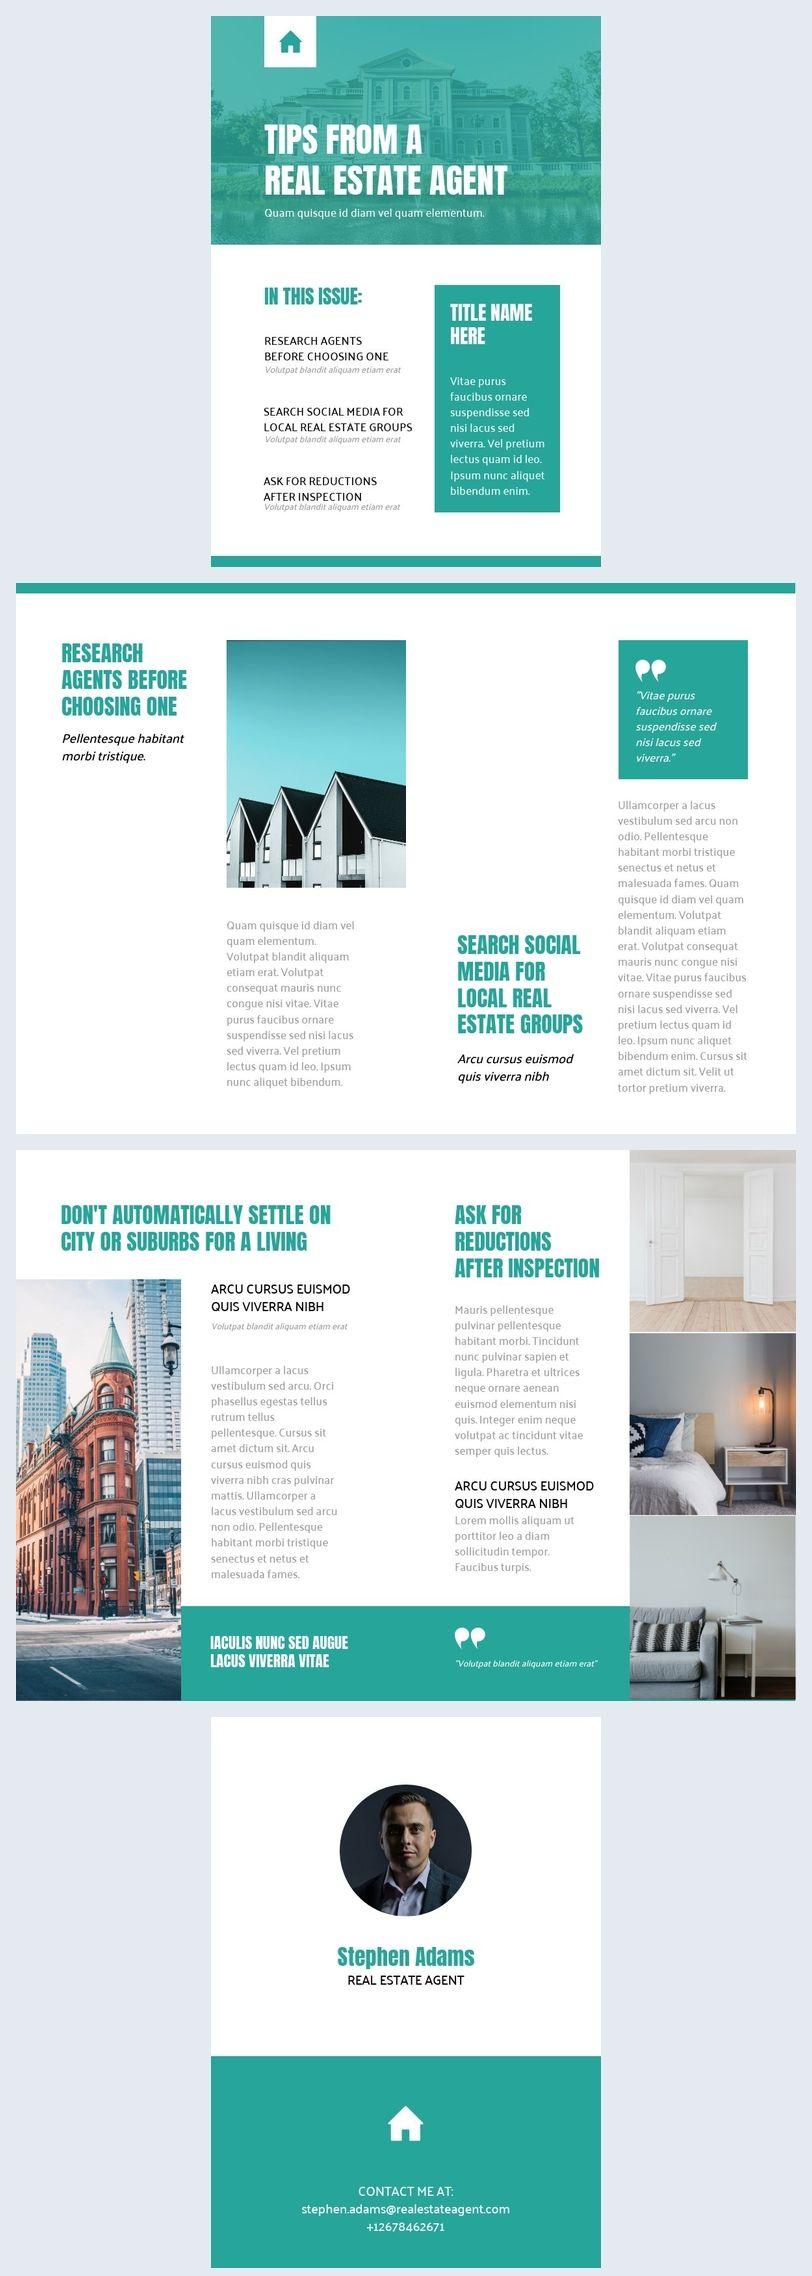 Printable Realtor Newsletter Template Newsletter Templates Email Template Design Templates Free real estate newsletter template